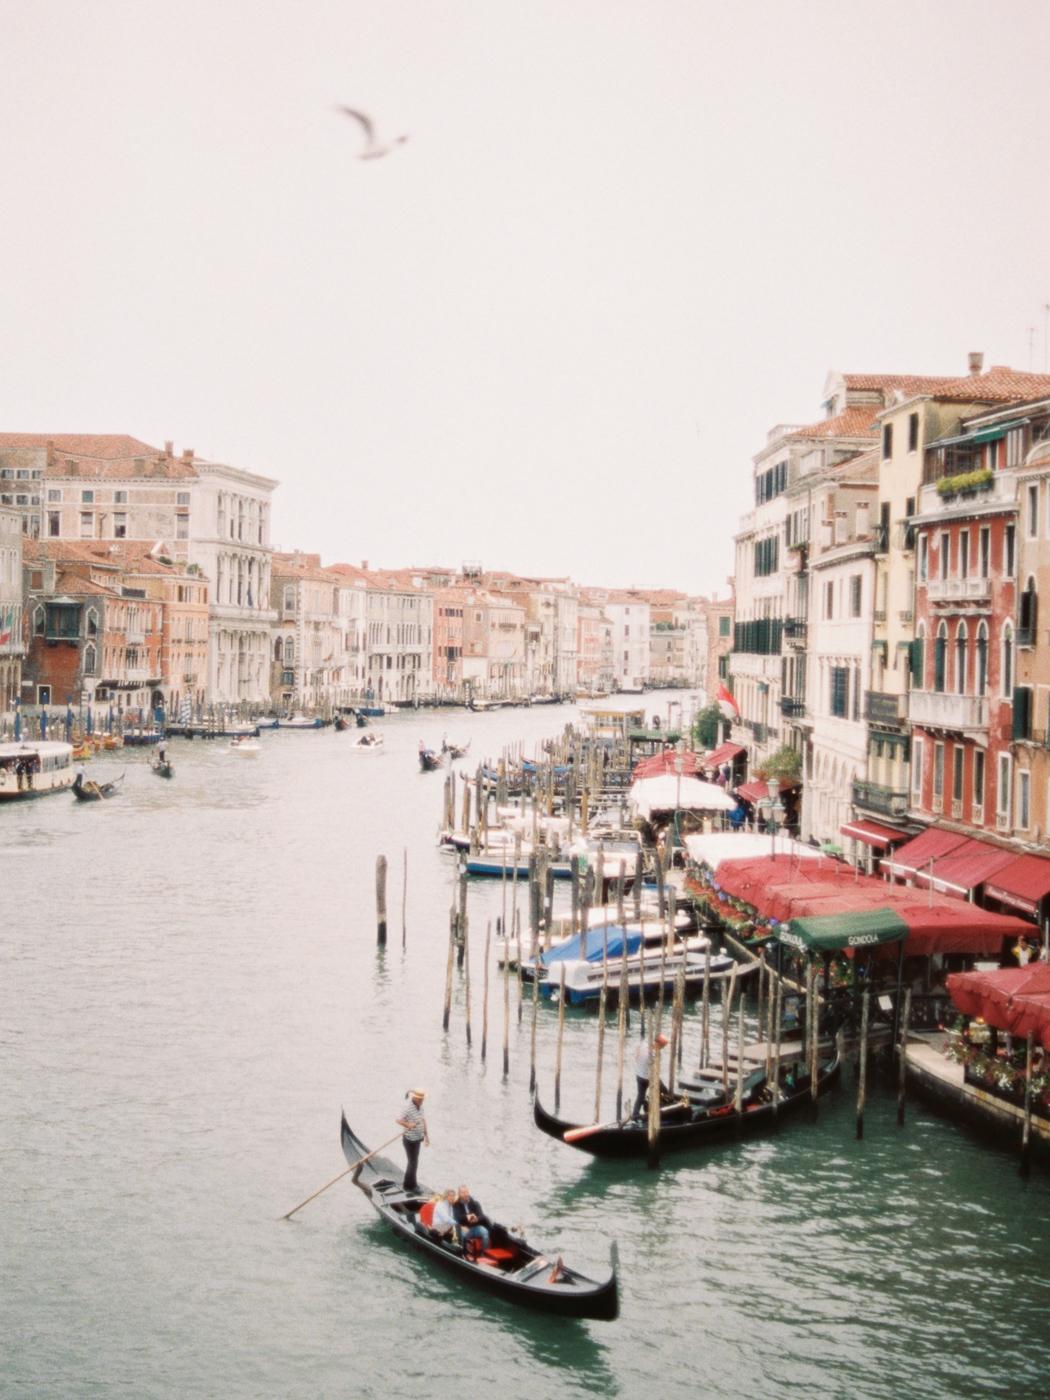 Carlos-Hernandez-Photography-Wedding-Editorial-Venice-Italy-1_001